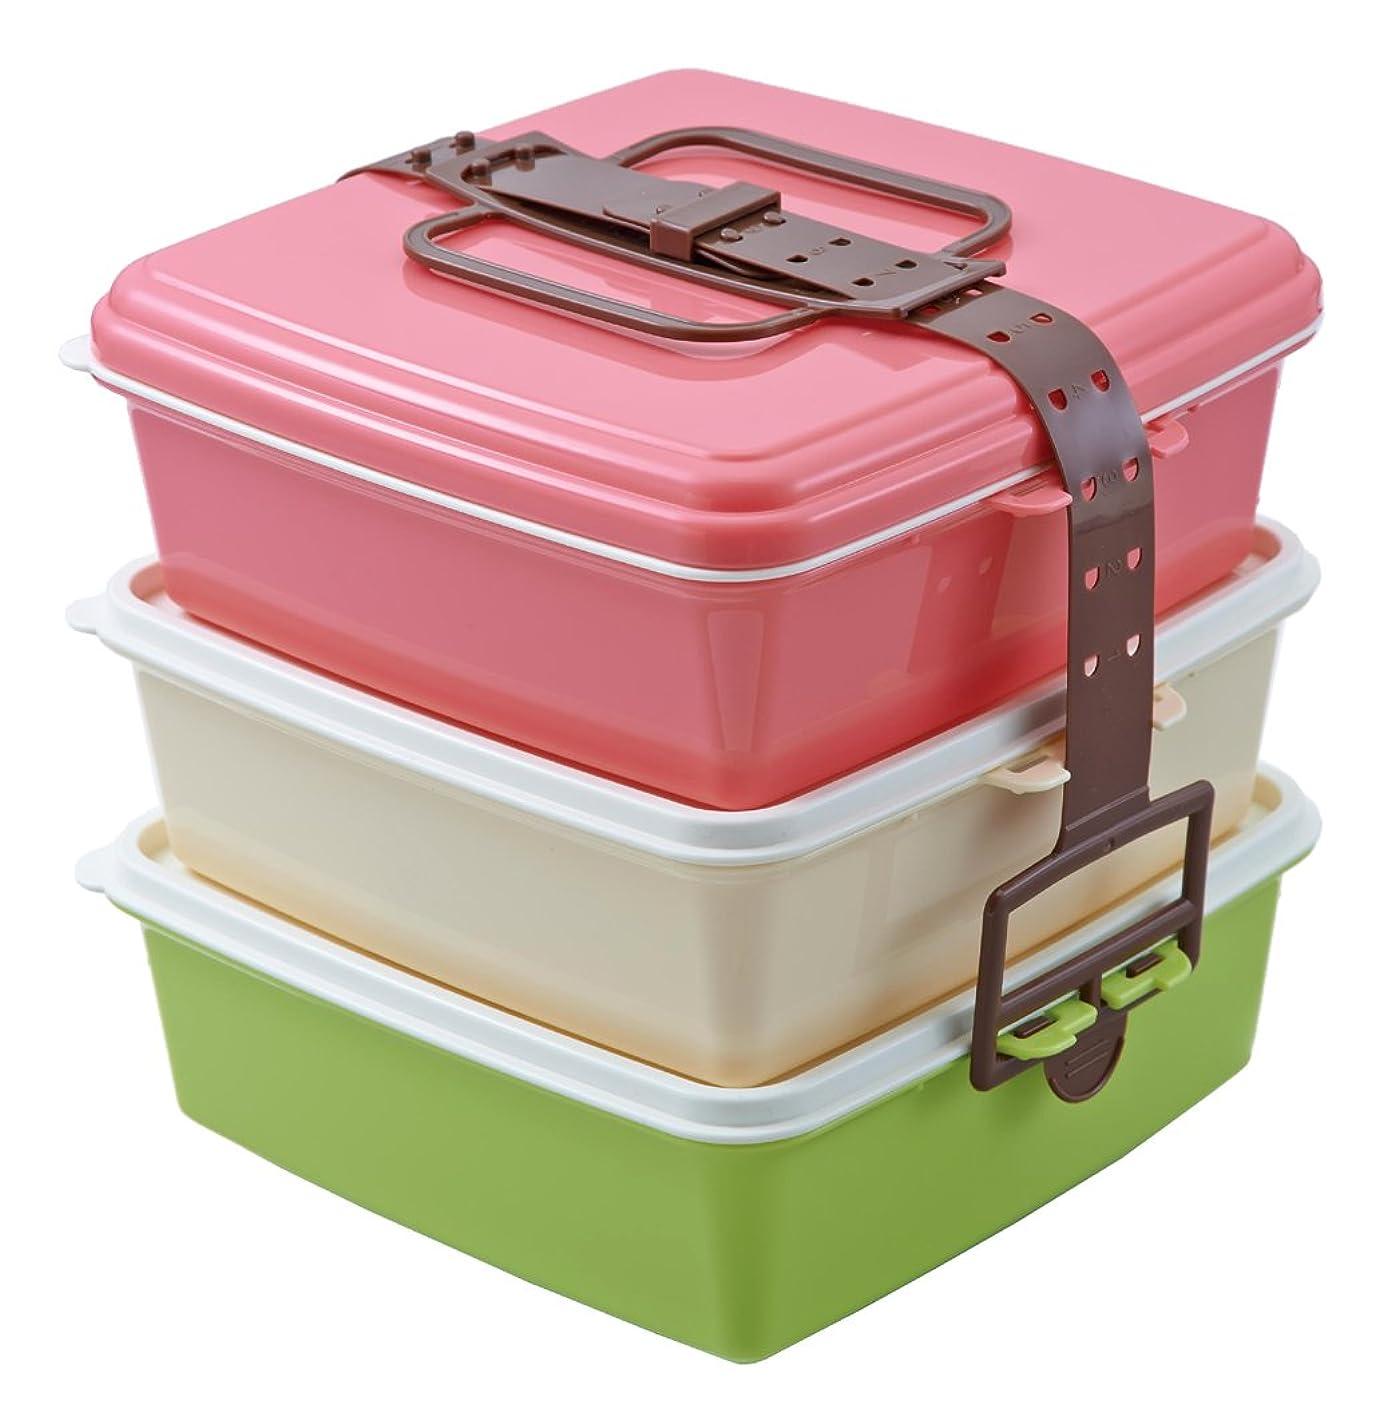 甘やかすワードローブ哺乳類Colors スタック式ピクニックケース角型(大) 3段 ピンク 4004